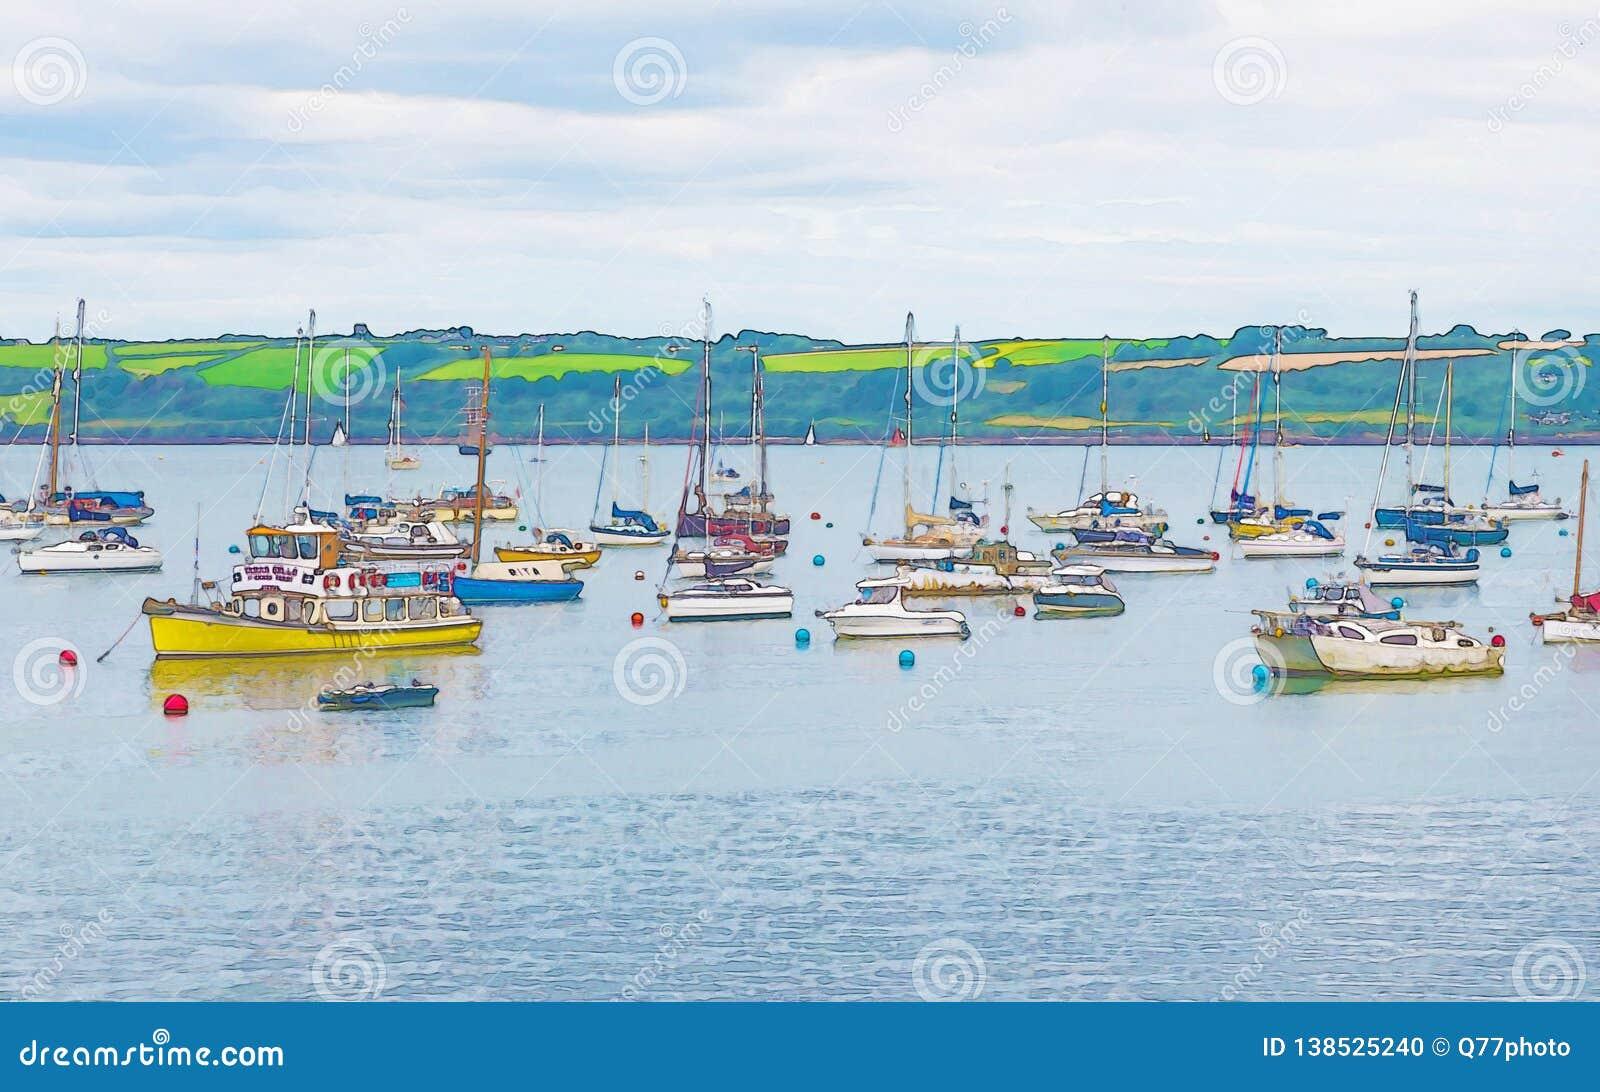 Waterverf die afschilderend verankerde jachten en boten in een kleine baai schilderen